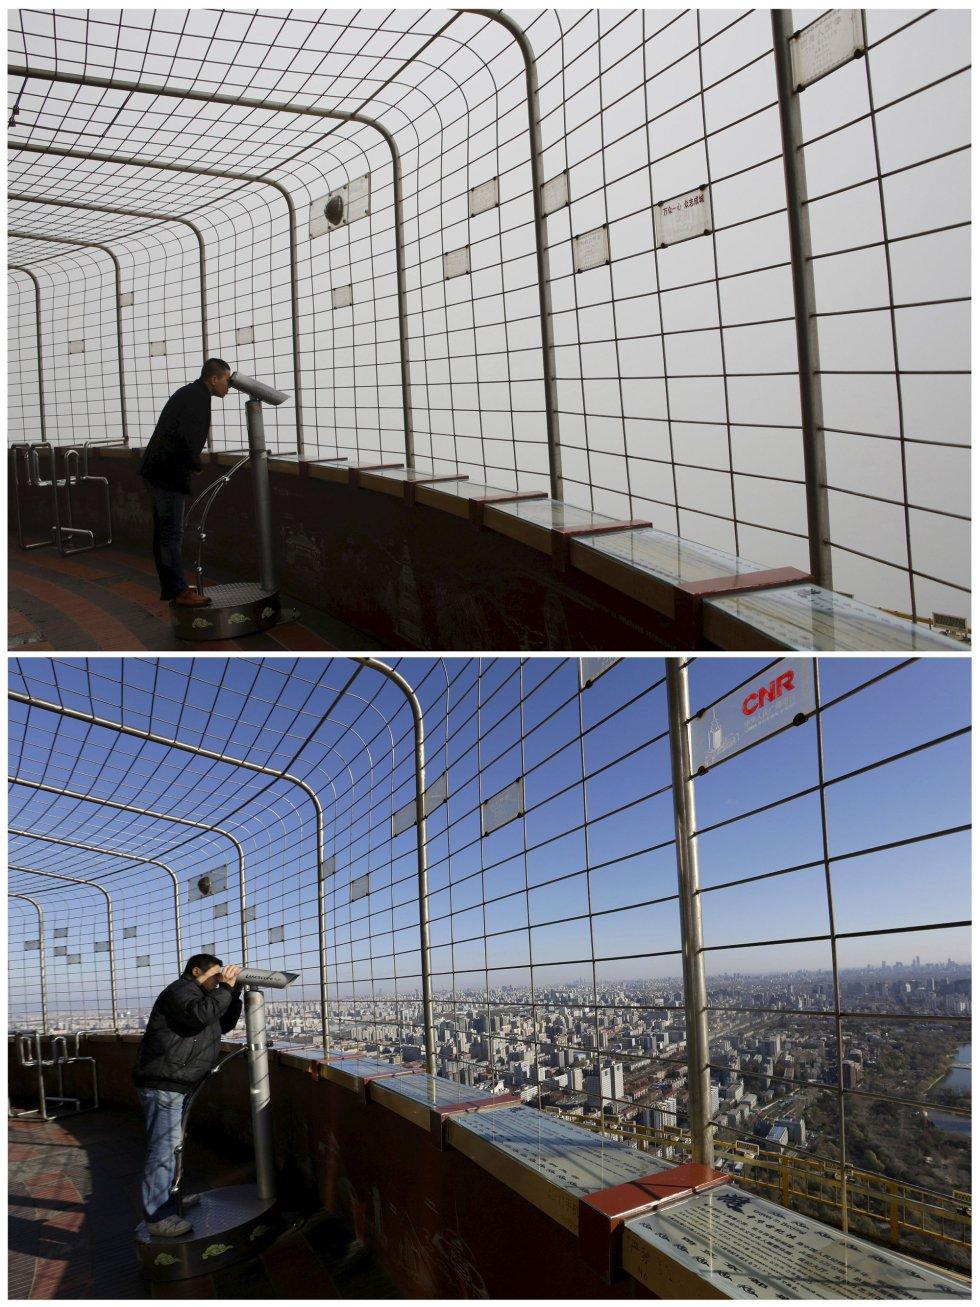 Vista de Pekín desde la torre de la Radio Televisión china, bajo la contaminación y en un día soleado.